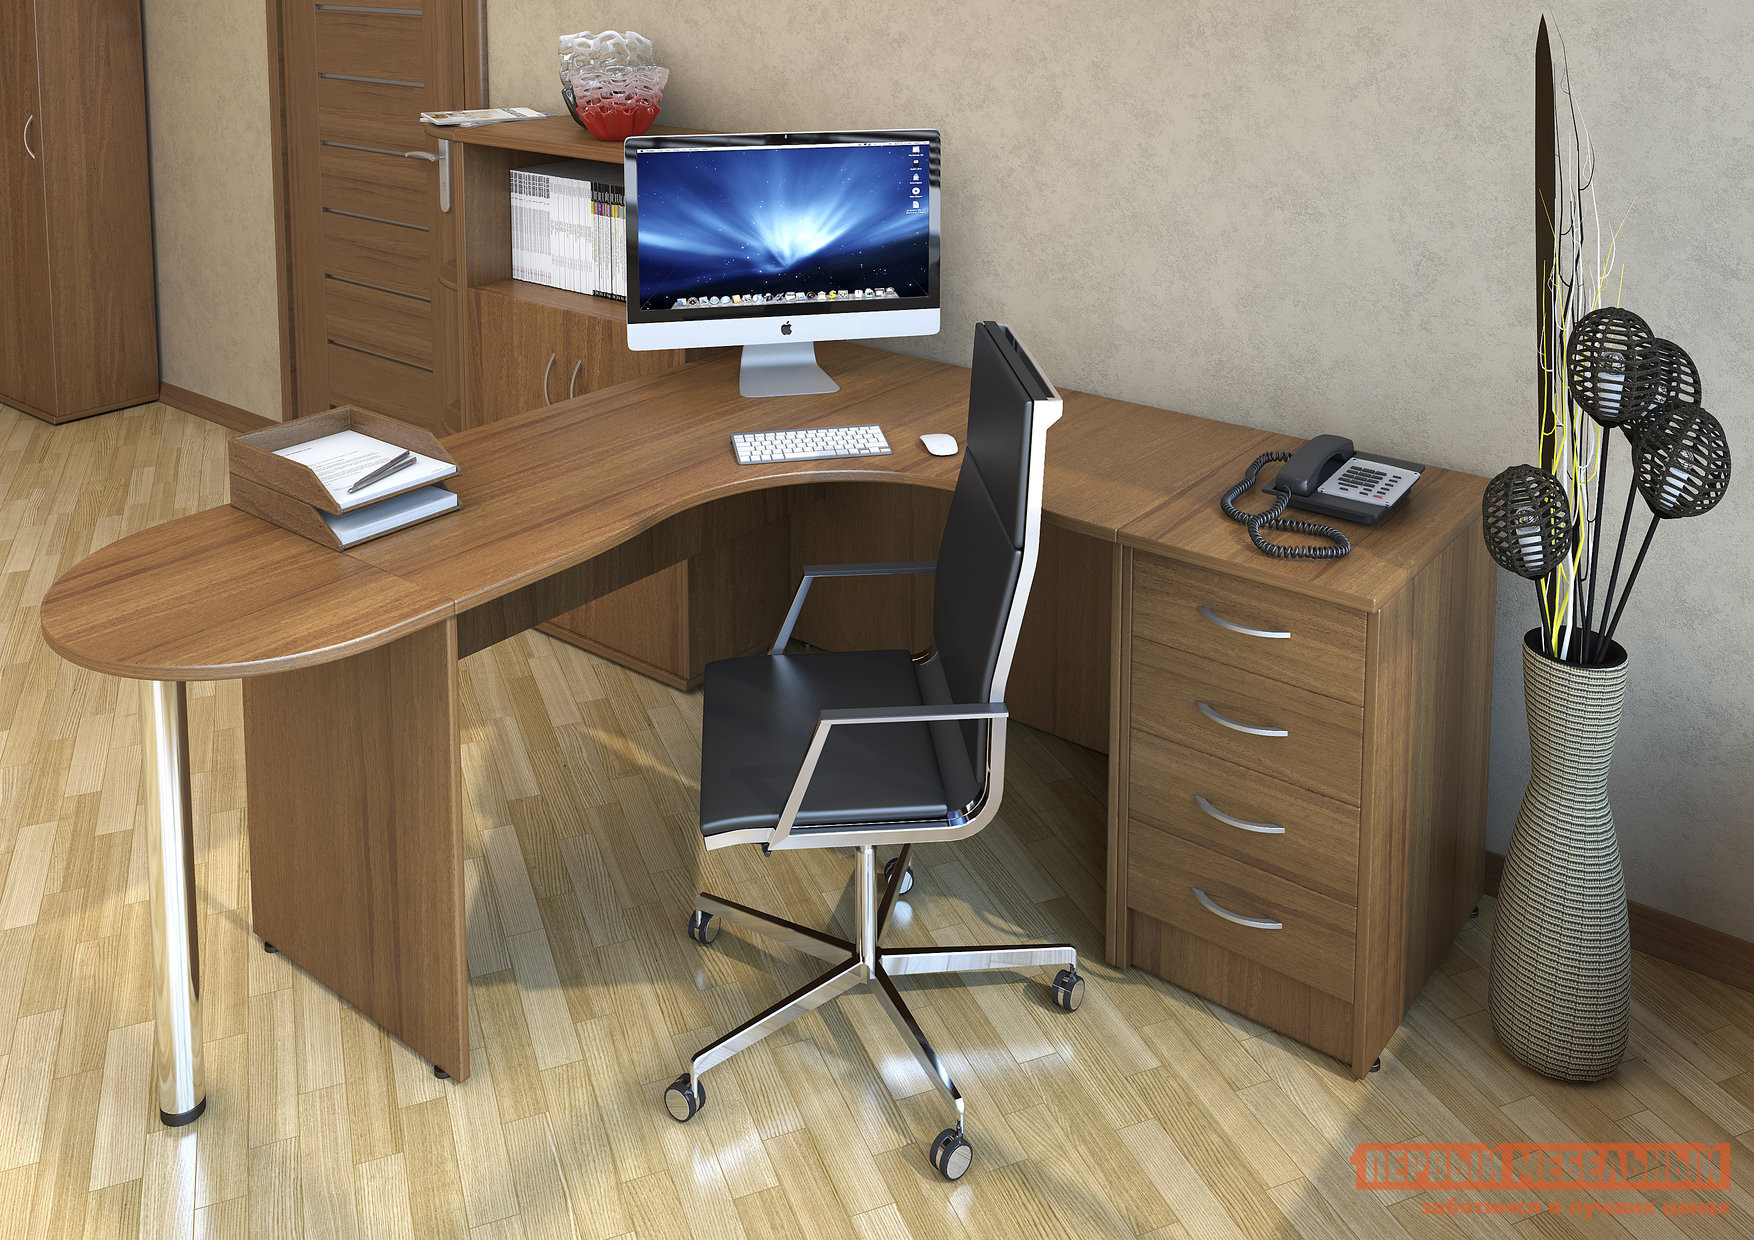 Комплект офисной мебели Riva Рива К5 комплект офисной мебели riva рива клен к1